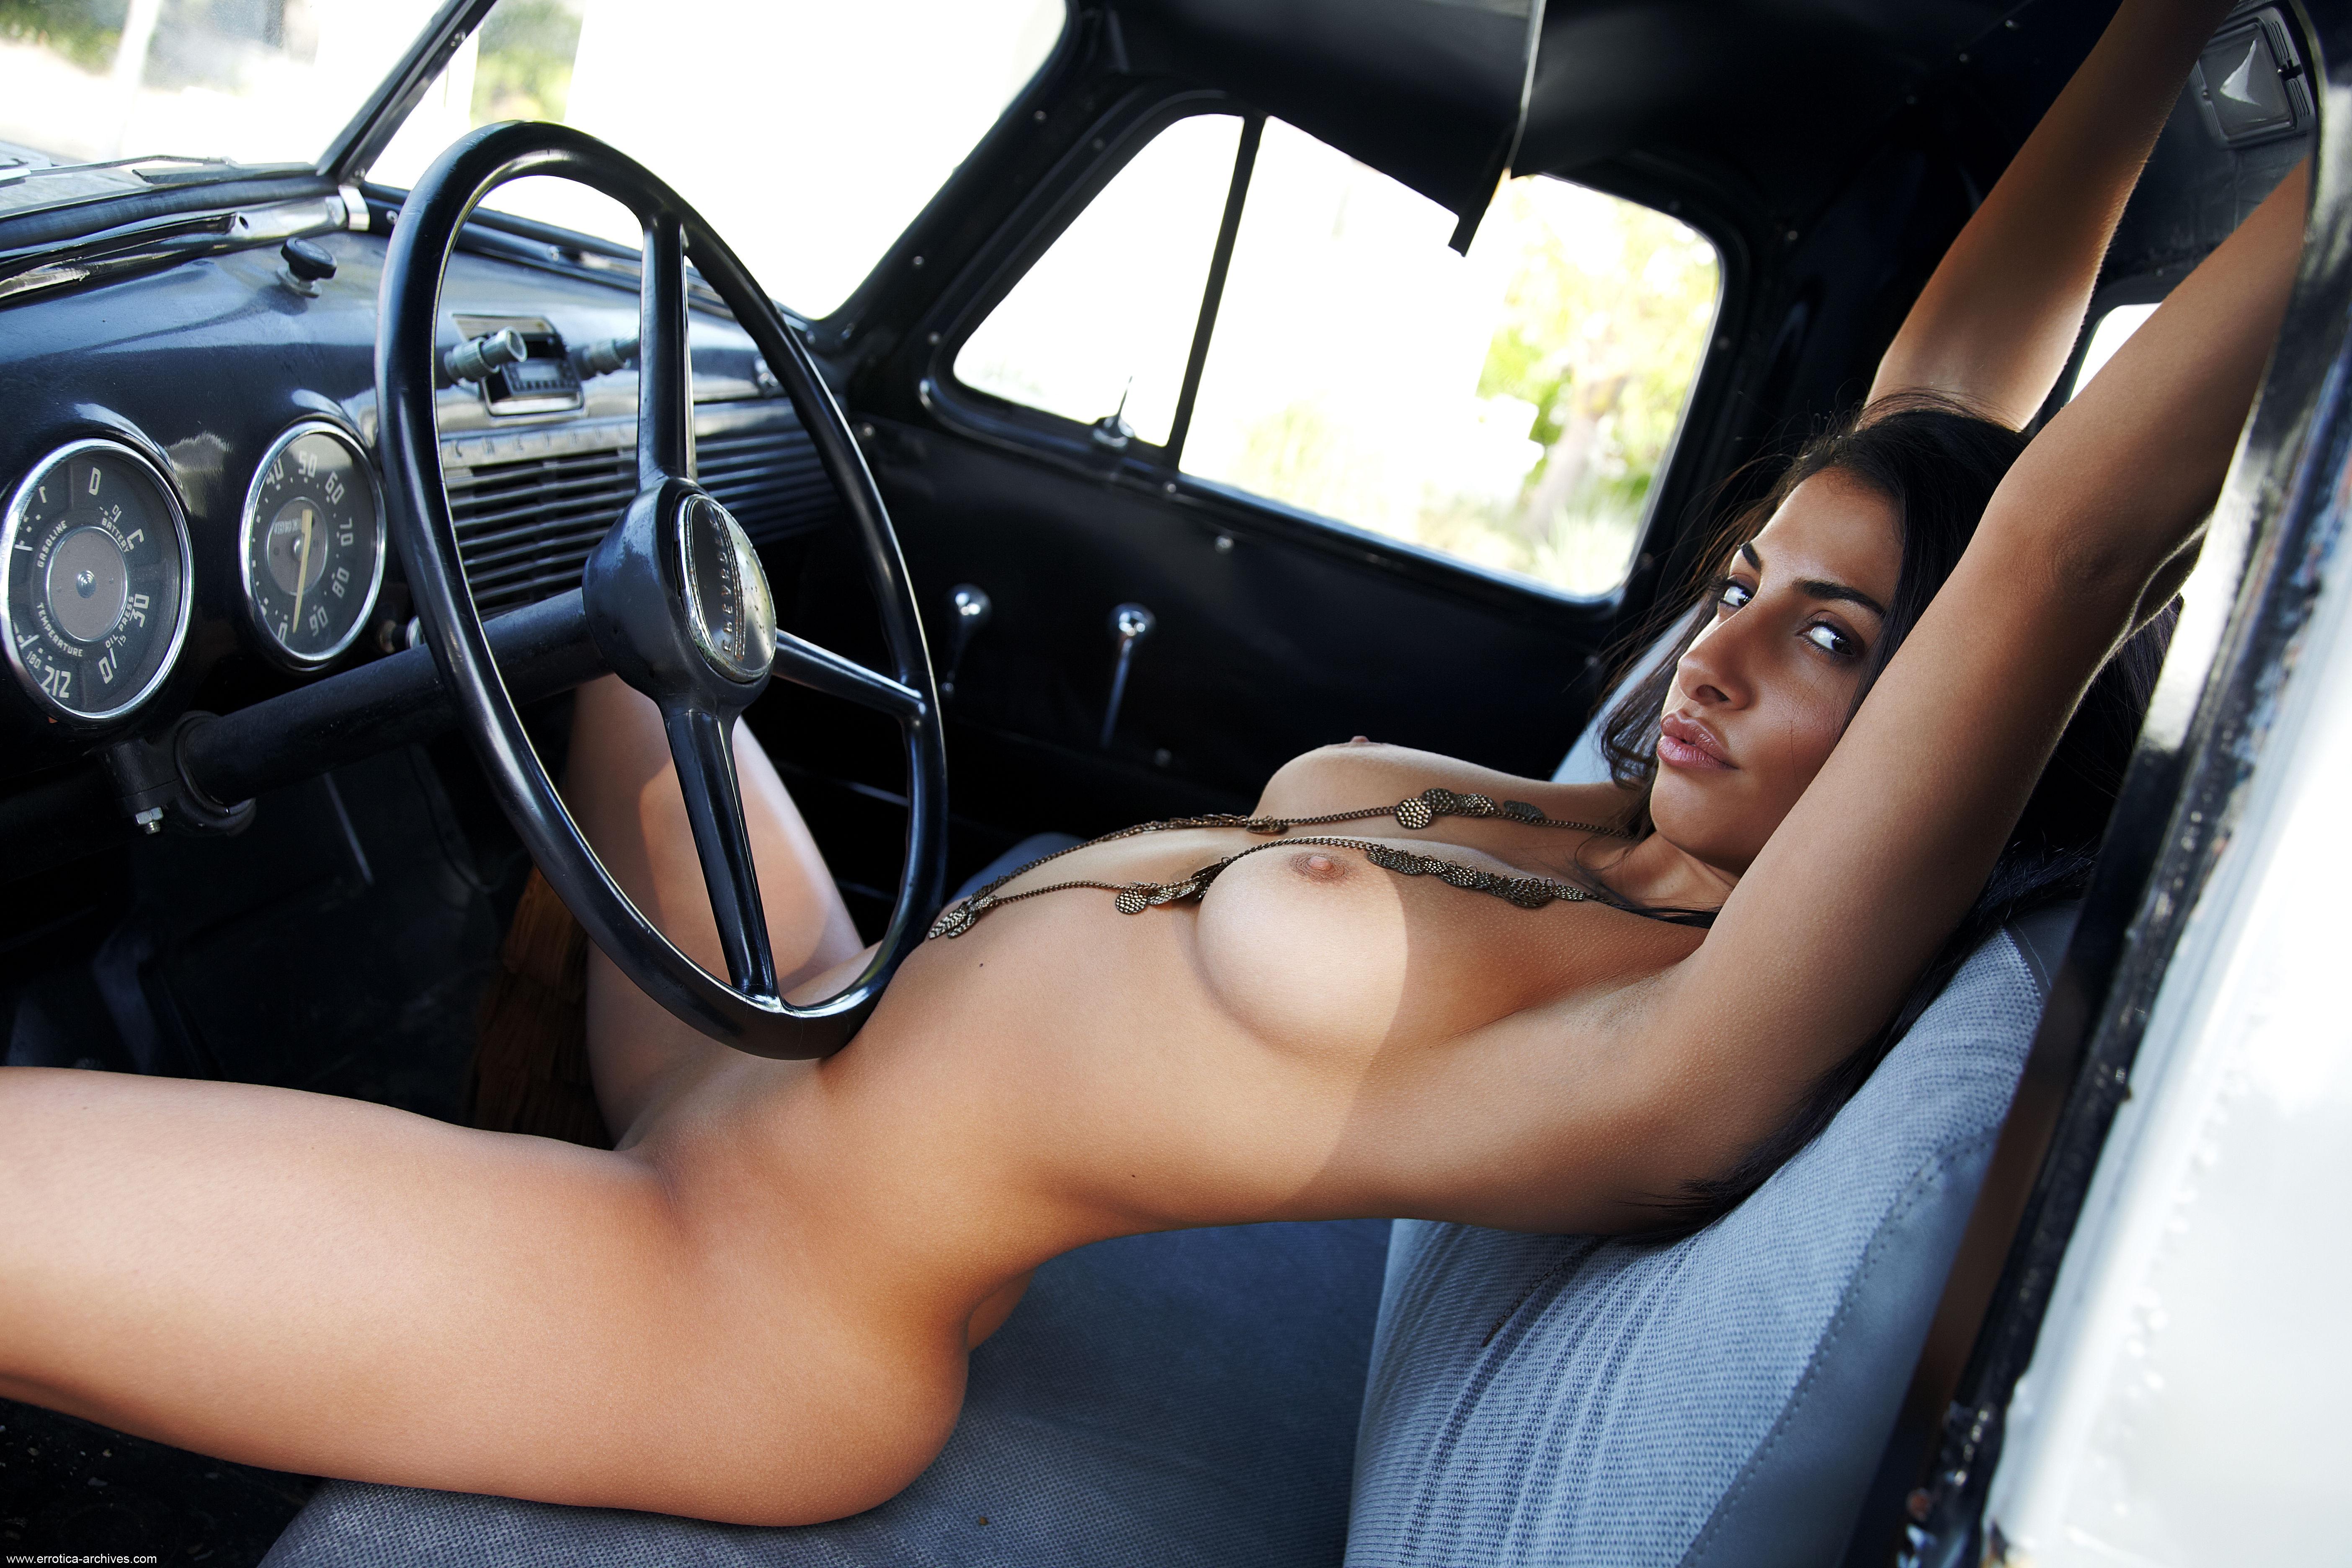 Сиськи в авто и за рулем, смотреть порно с большими попами и сисями